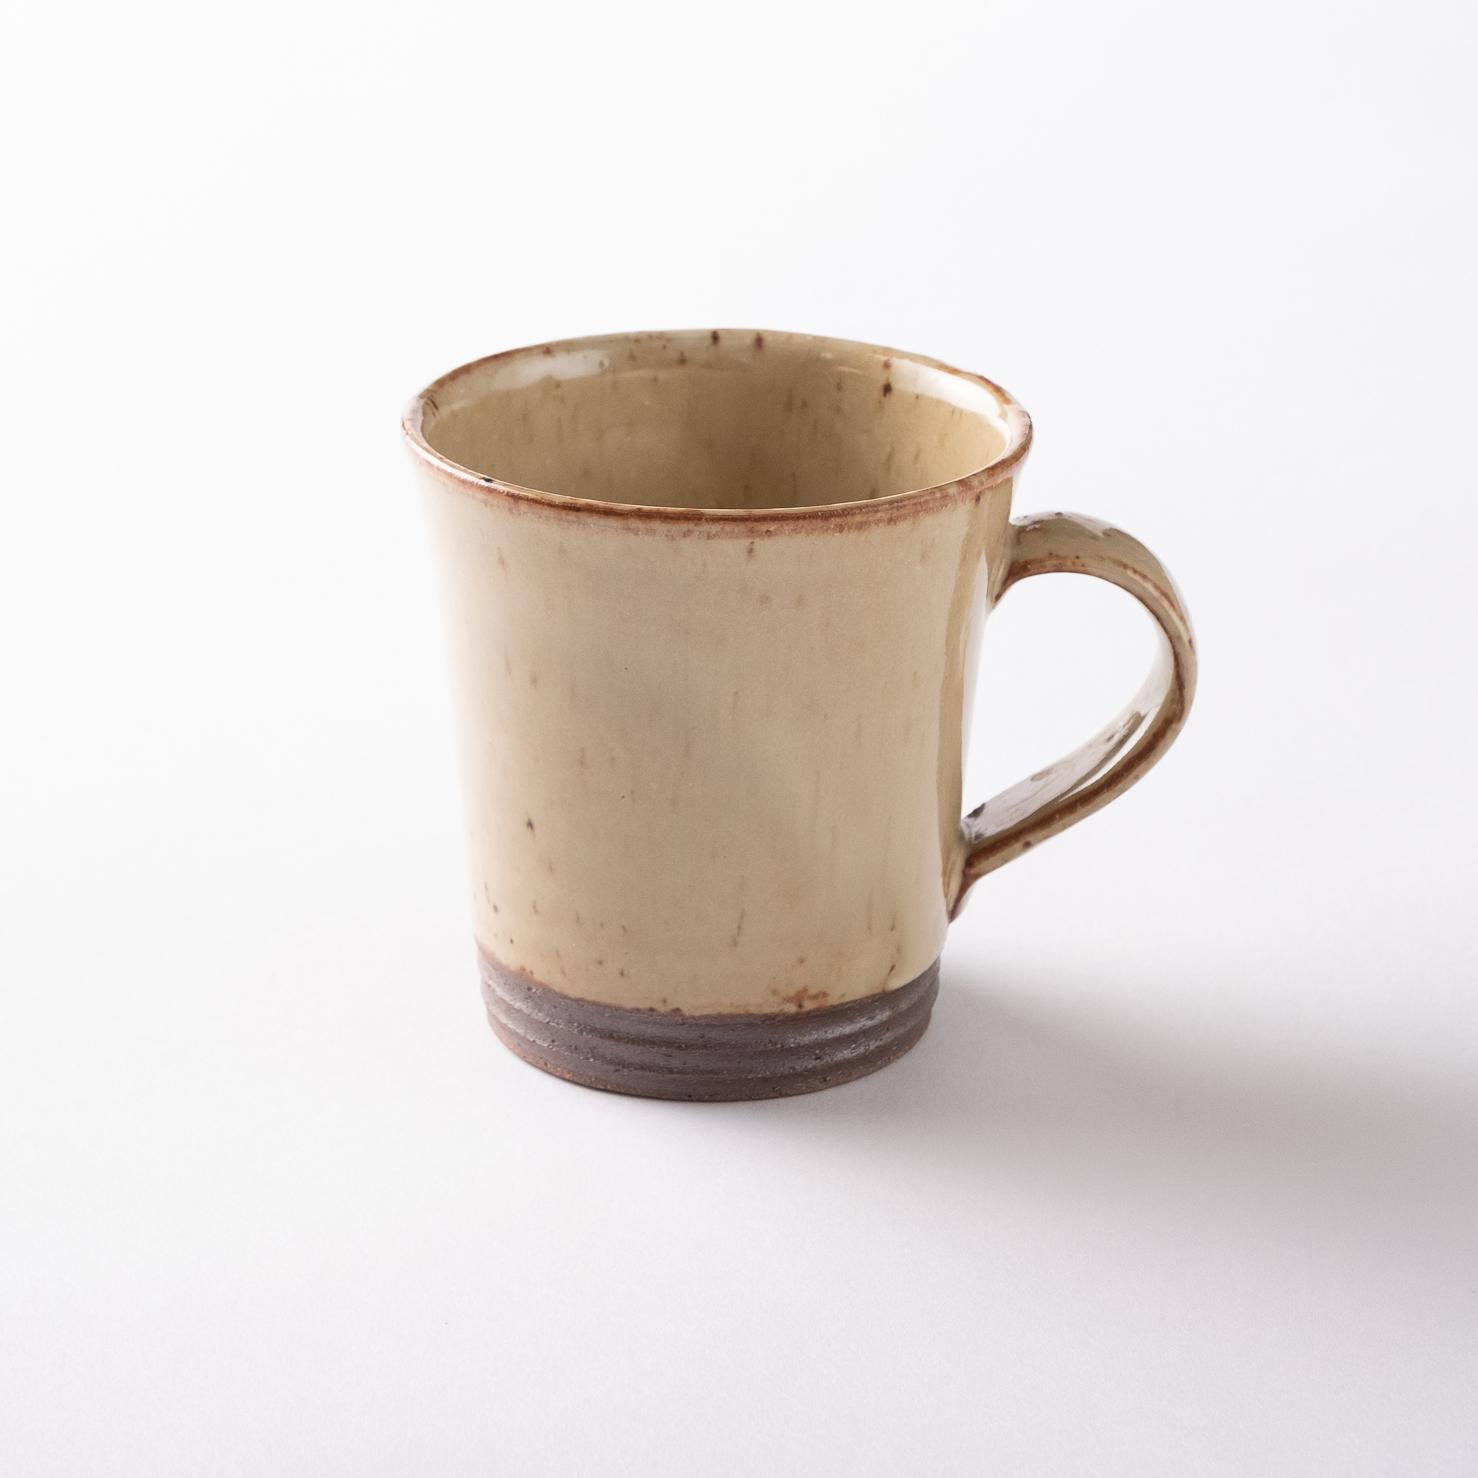 【瀬戸焼】マグカップ「マスタードイエロー マグカップ」